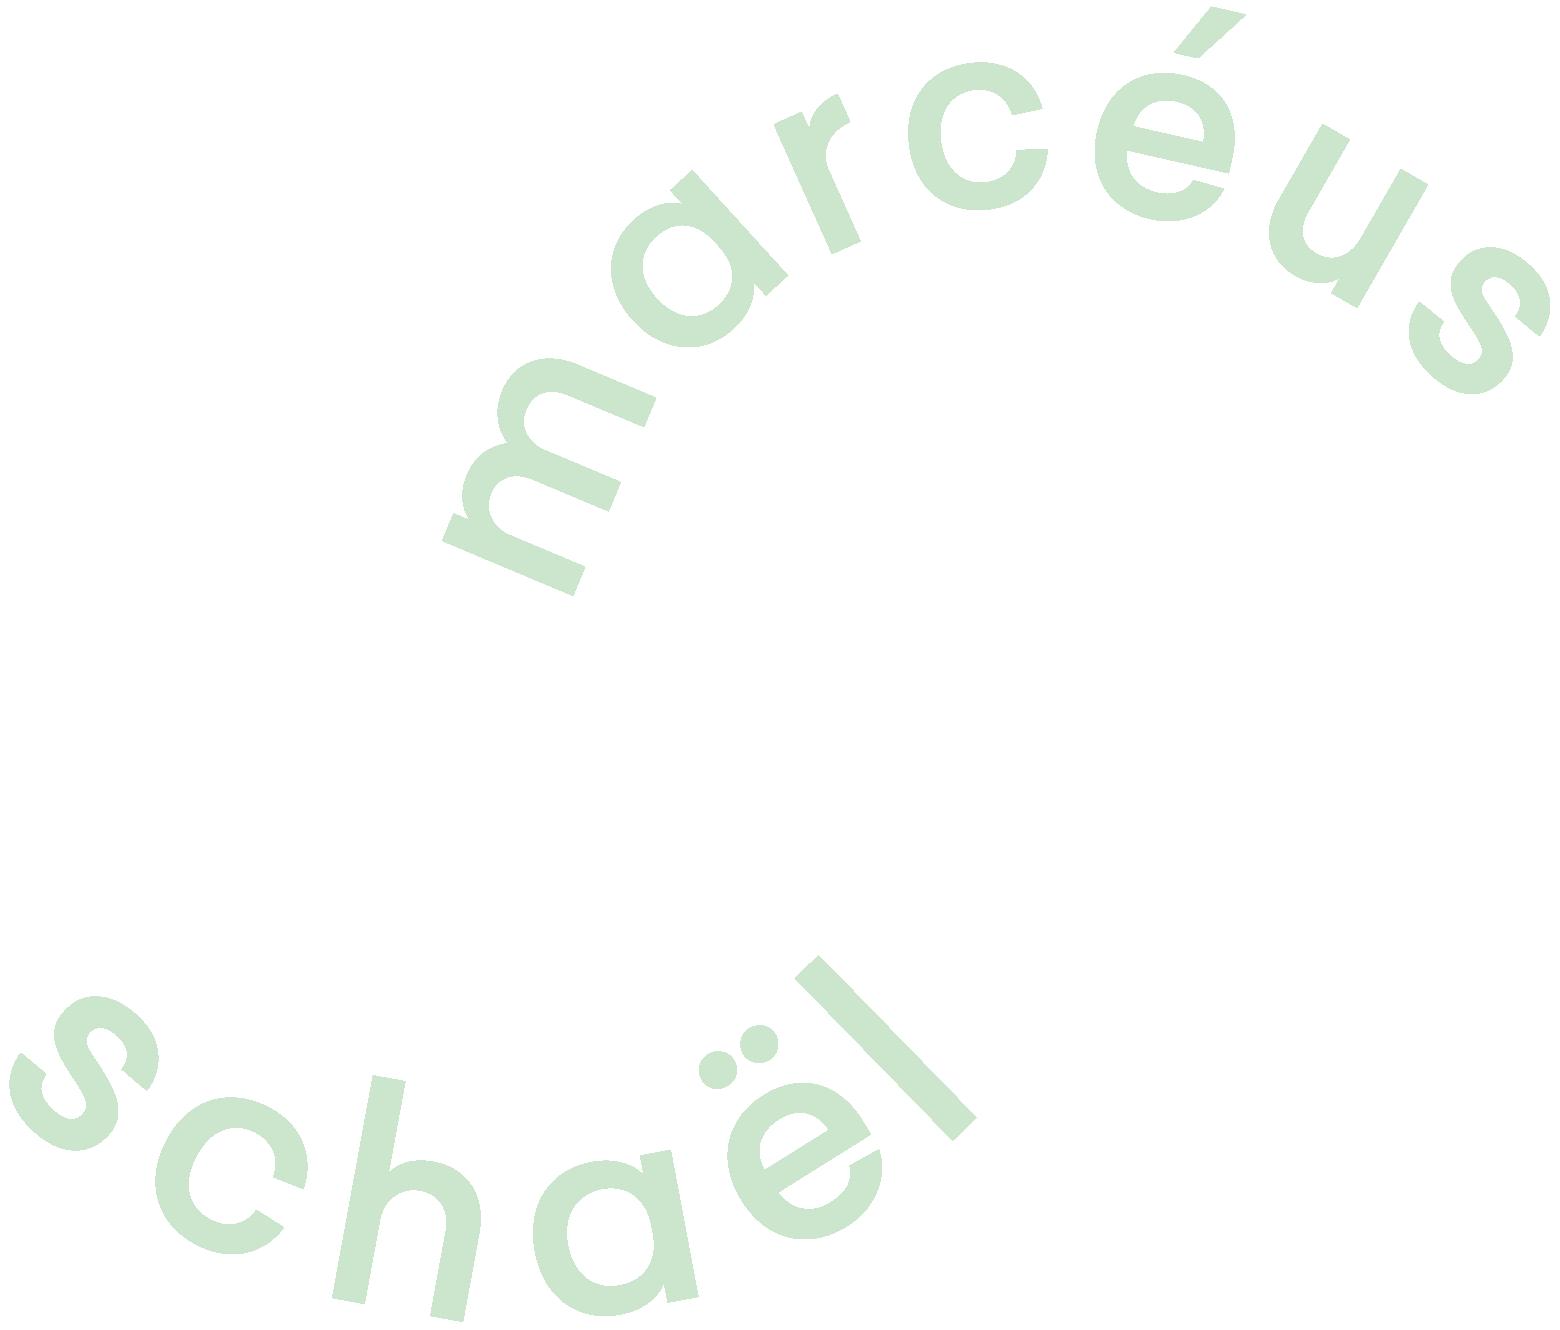 Schaël Marcéus